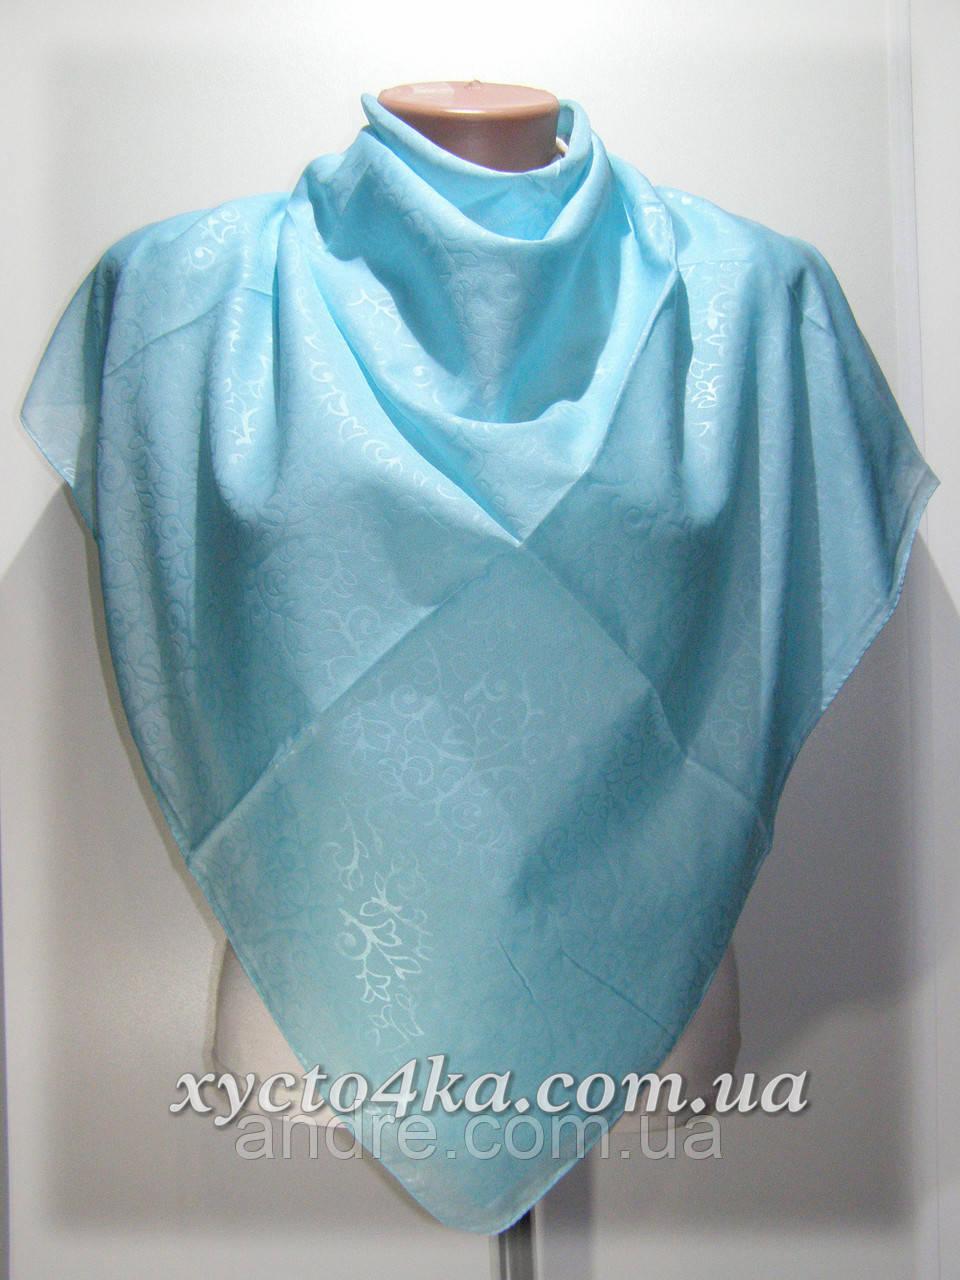 Натуральный платок класик, бирюза